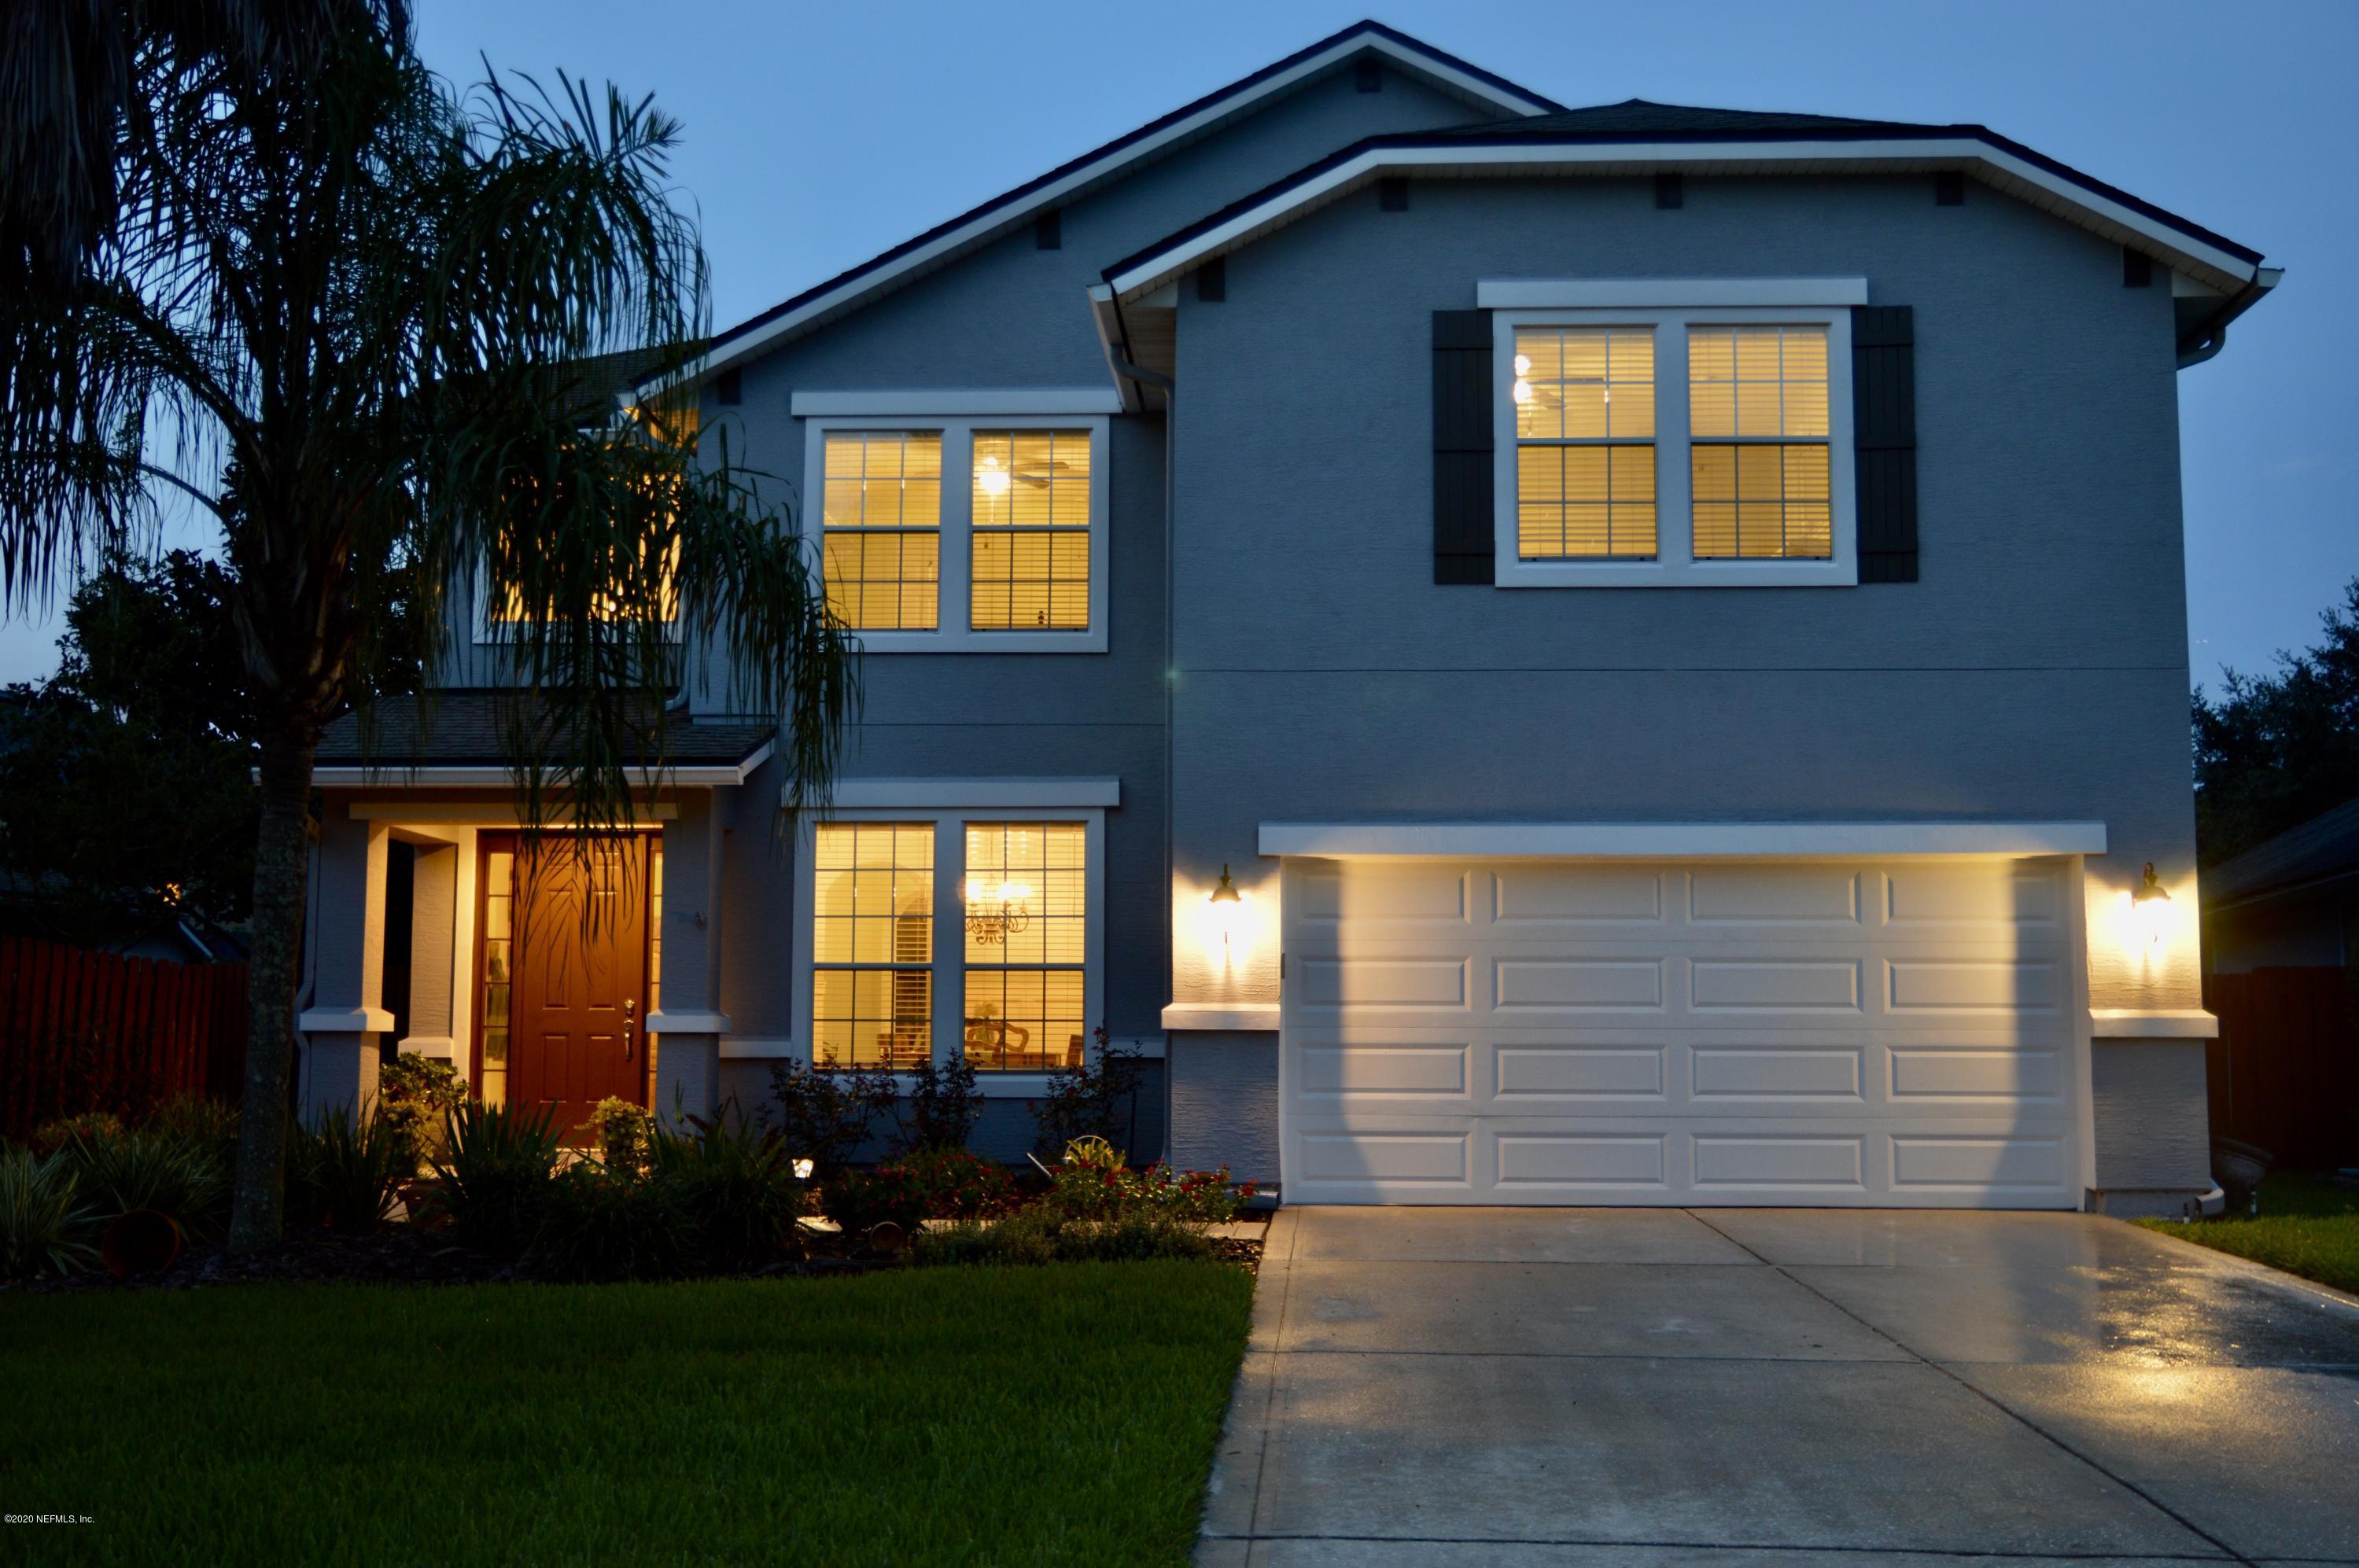 Details for 3412 Saxxon Rd, ST AUGUSTINE, FL 32092